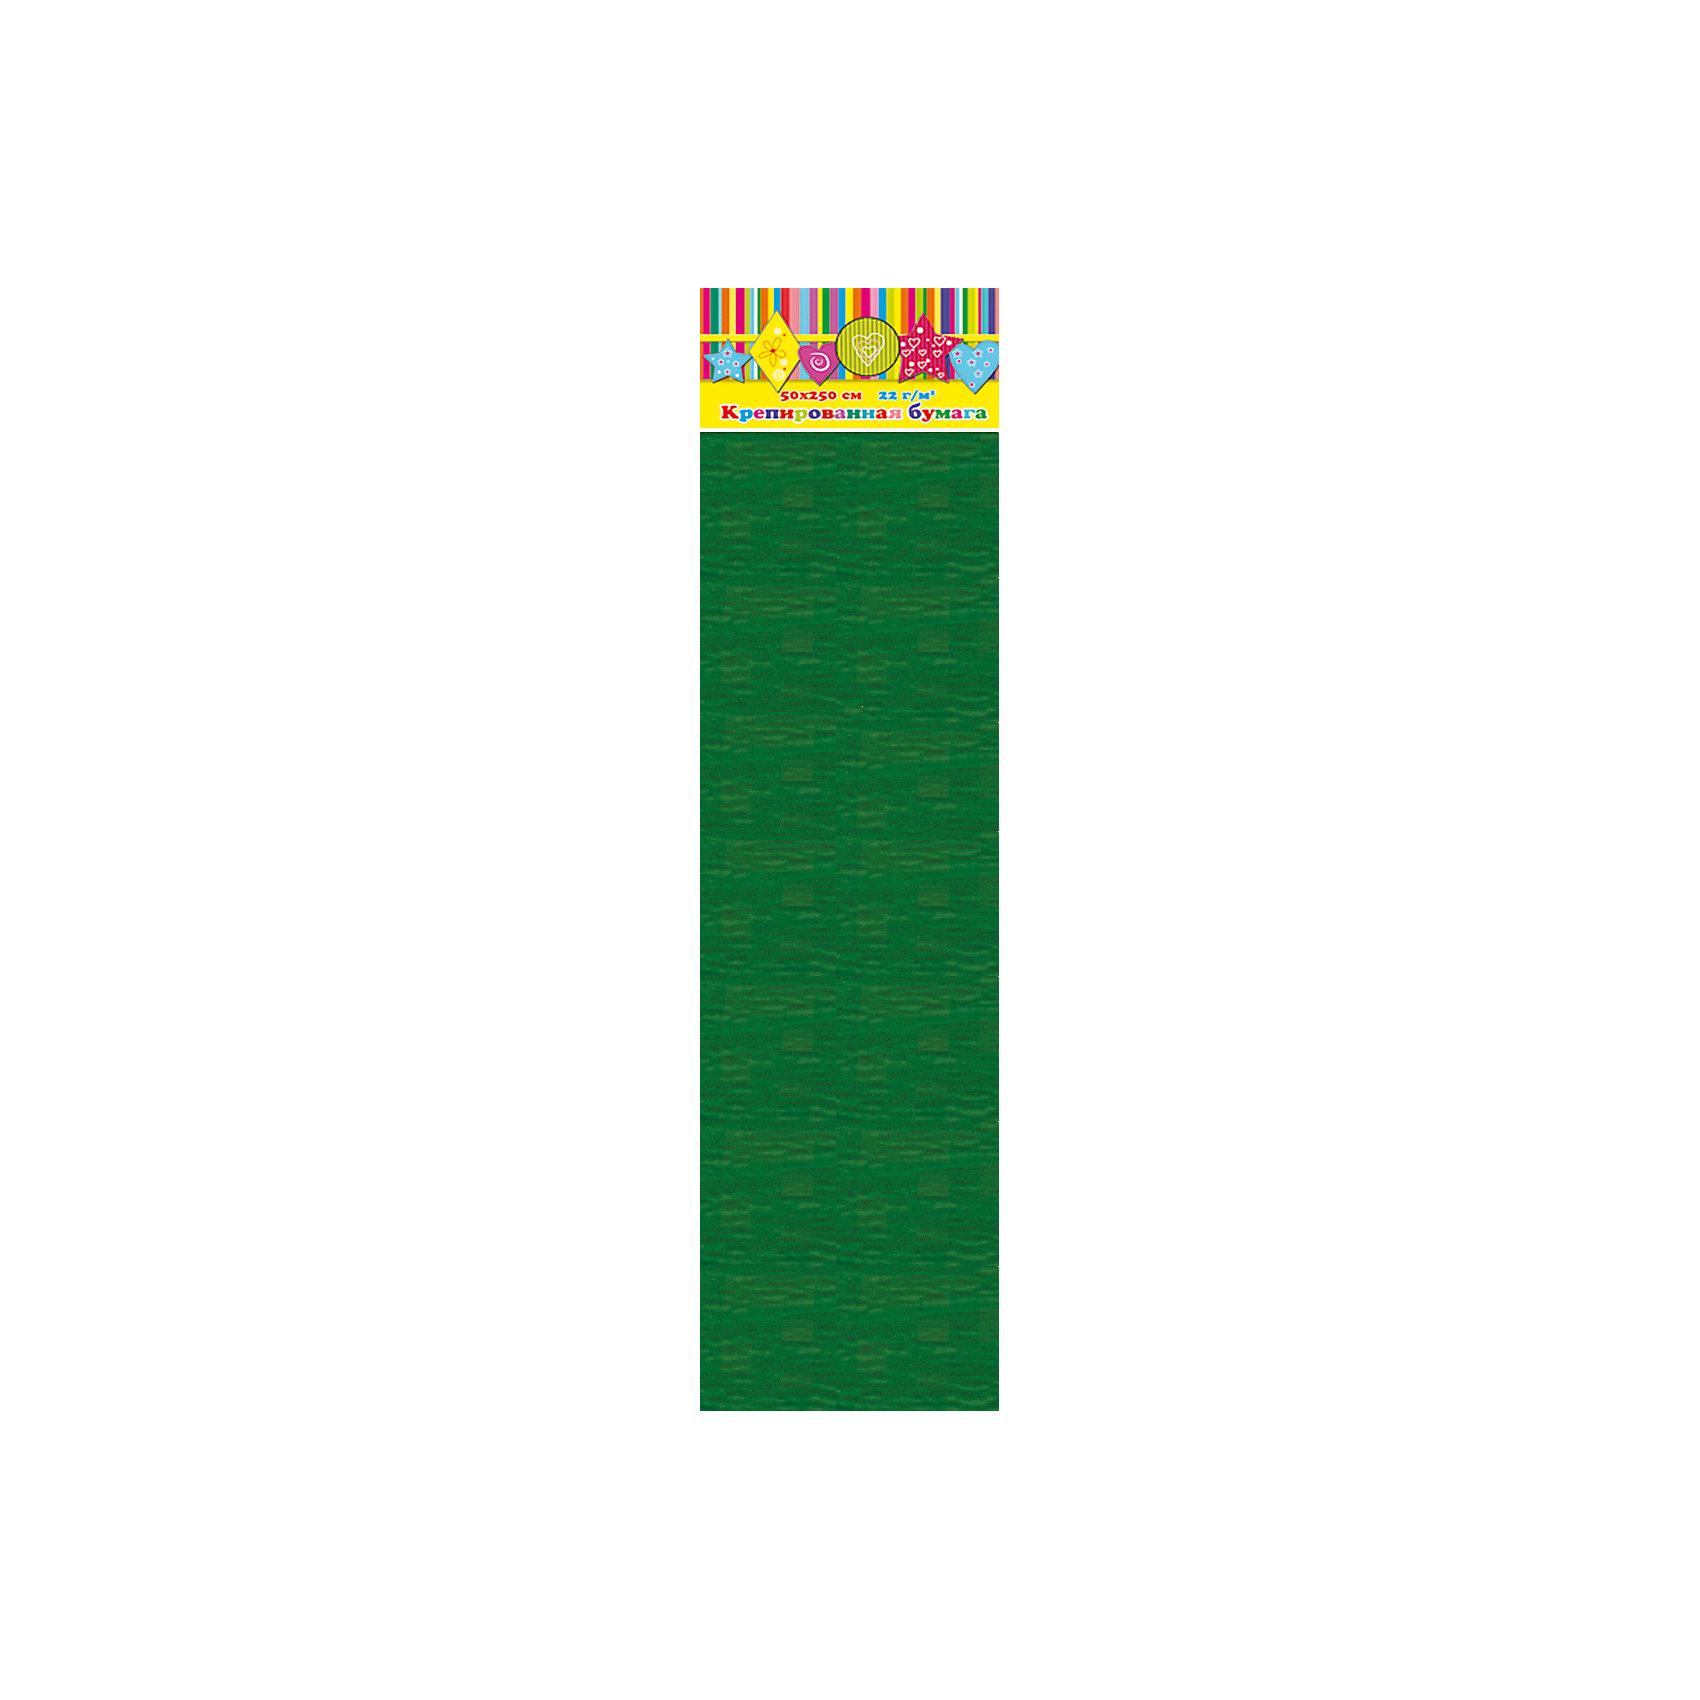 Бумага темно-зеленая крепированнаяБумага<br>Изумительная крепированная бумага темно-зеленого цвета, из нее Ваш малыш сможет сделать множество ярких цветов или другие поделки.<br><br>Дополнительная информация:<br><br>- Возраст: от 3 лет.<br>- 1 лист.<br>- Цвет: темно-зеленый.<br>- Материал: бумага.<br>- Размеры: 50х250 см.<br>- Размер упаковки: 50х12х0,5 см.<br>- Вес в упаковке: 25 г. <br><br>Купить крепированную бумагу в темно-зеленом цвете, можно в нашем магазине.<br><br>Ширина мм: 500<br>Глубина мм: 120<br>Высота мм: 5<br>Вес г: 25<br>Возраст от месяцев: 36<br>Возраст до месяцев: 2147483647<br>Пол: Унисекс<br>Возраст: Детский<br>SKU: 4943434